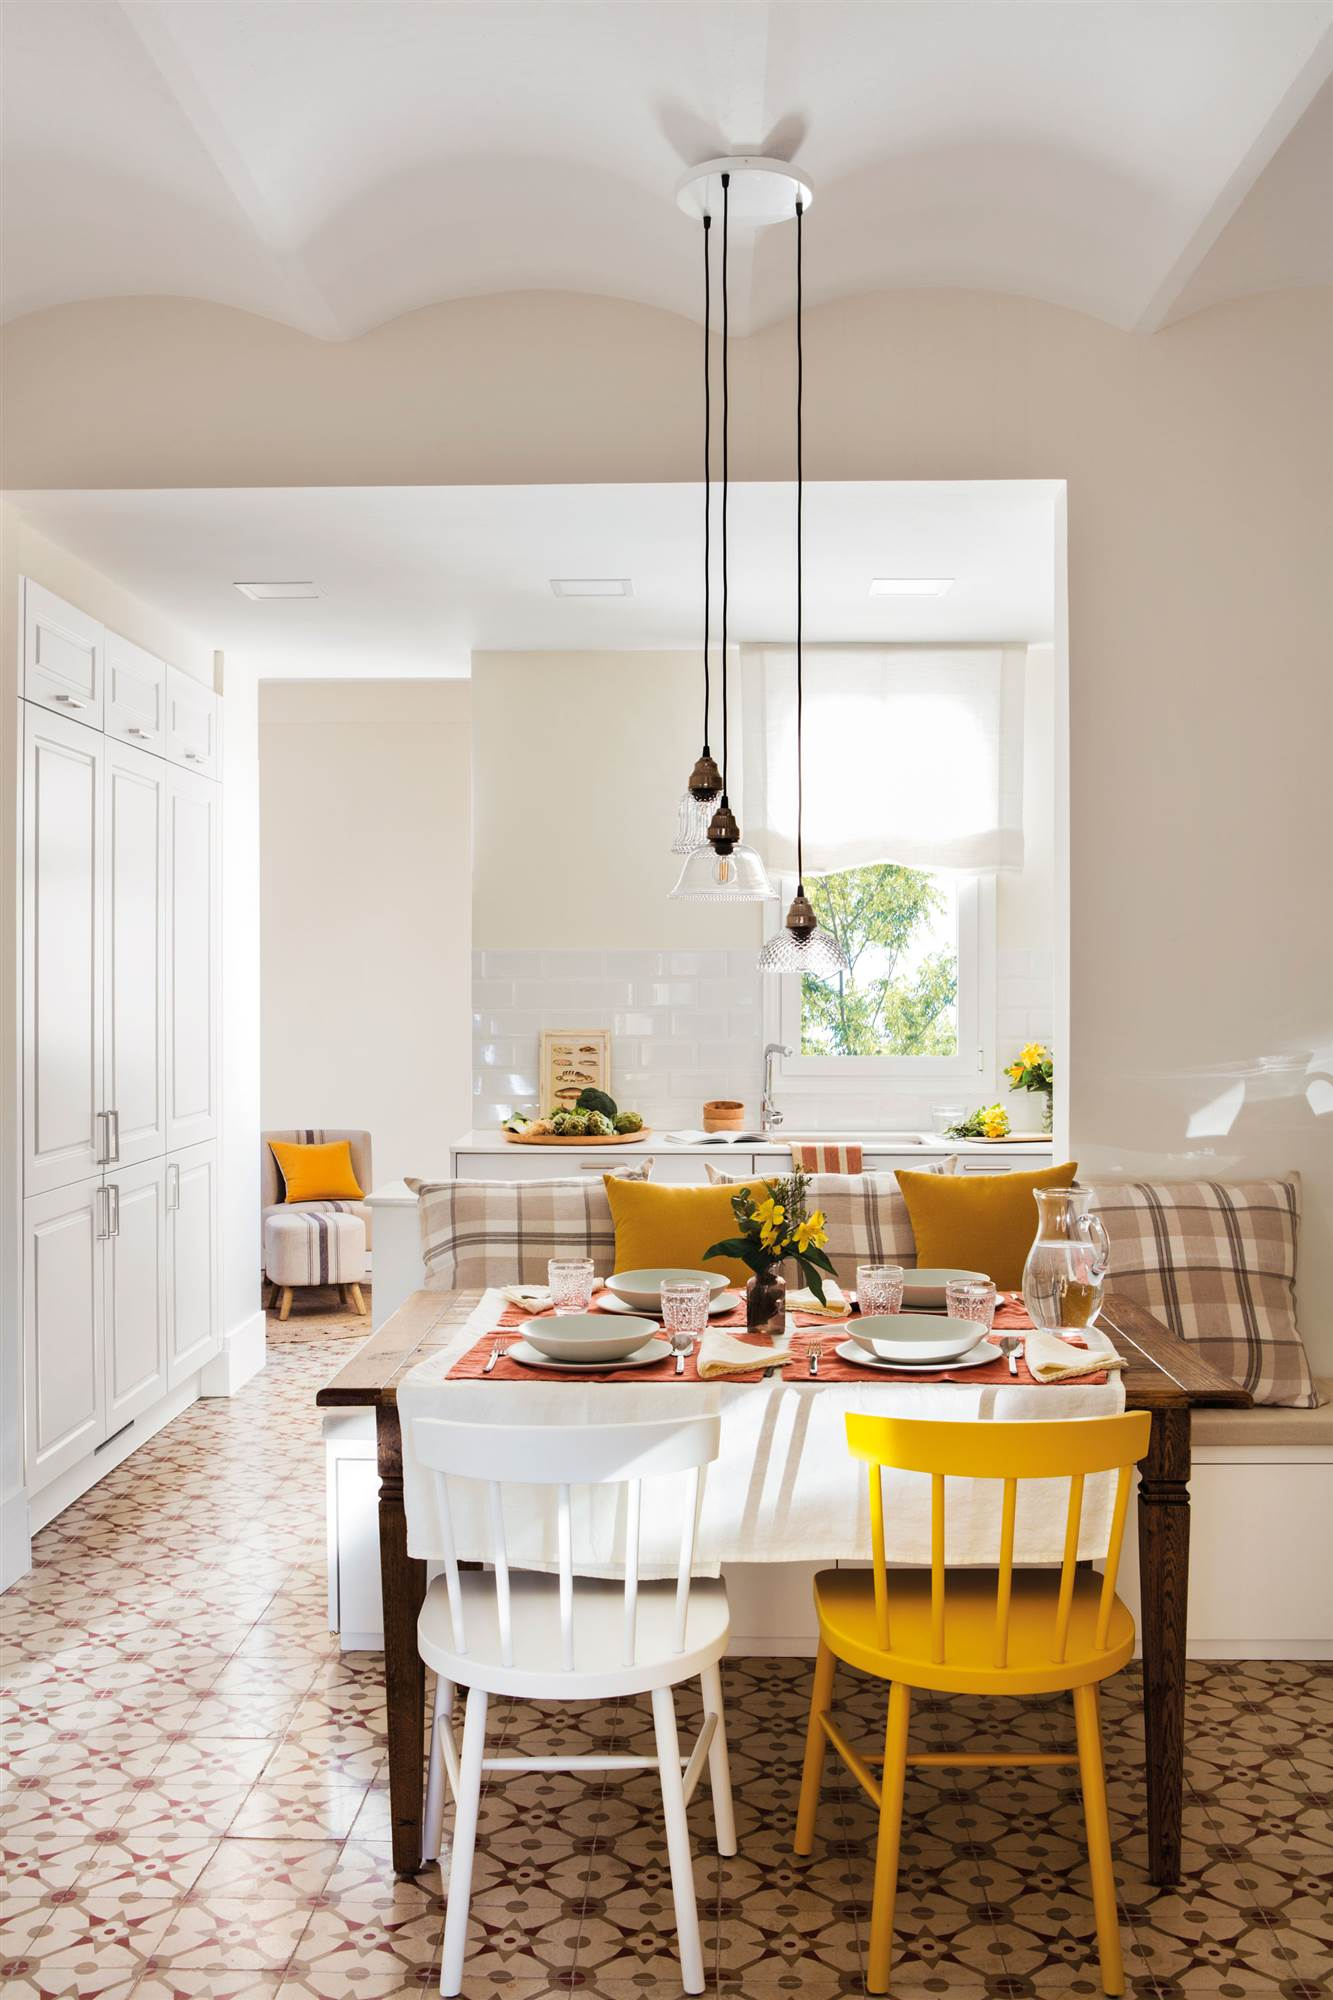 Casas lagom la receta sueca de la felicidad - Sillas colgantes del techo ...